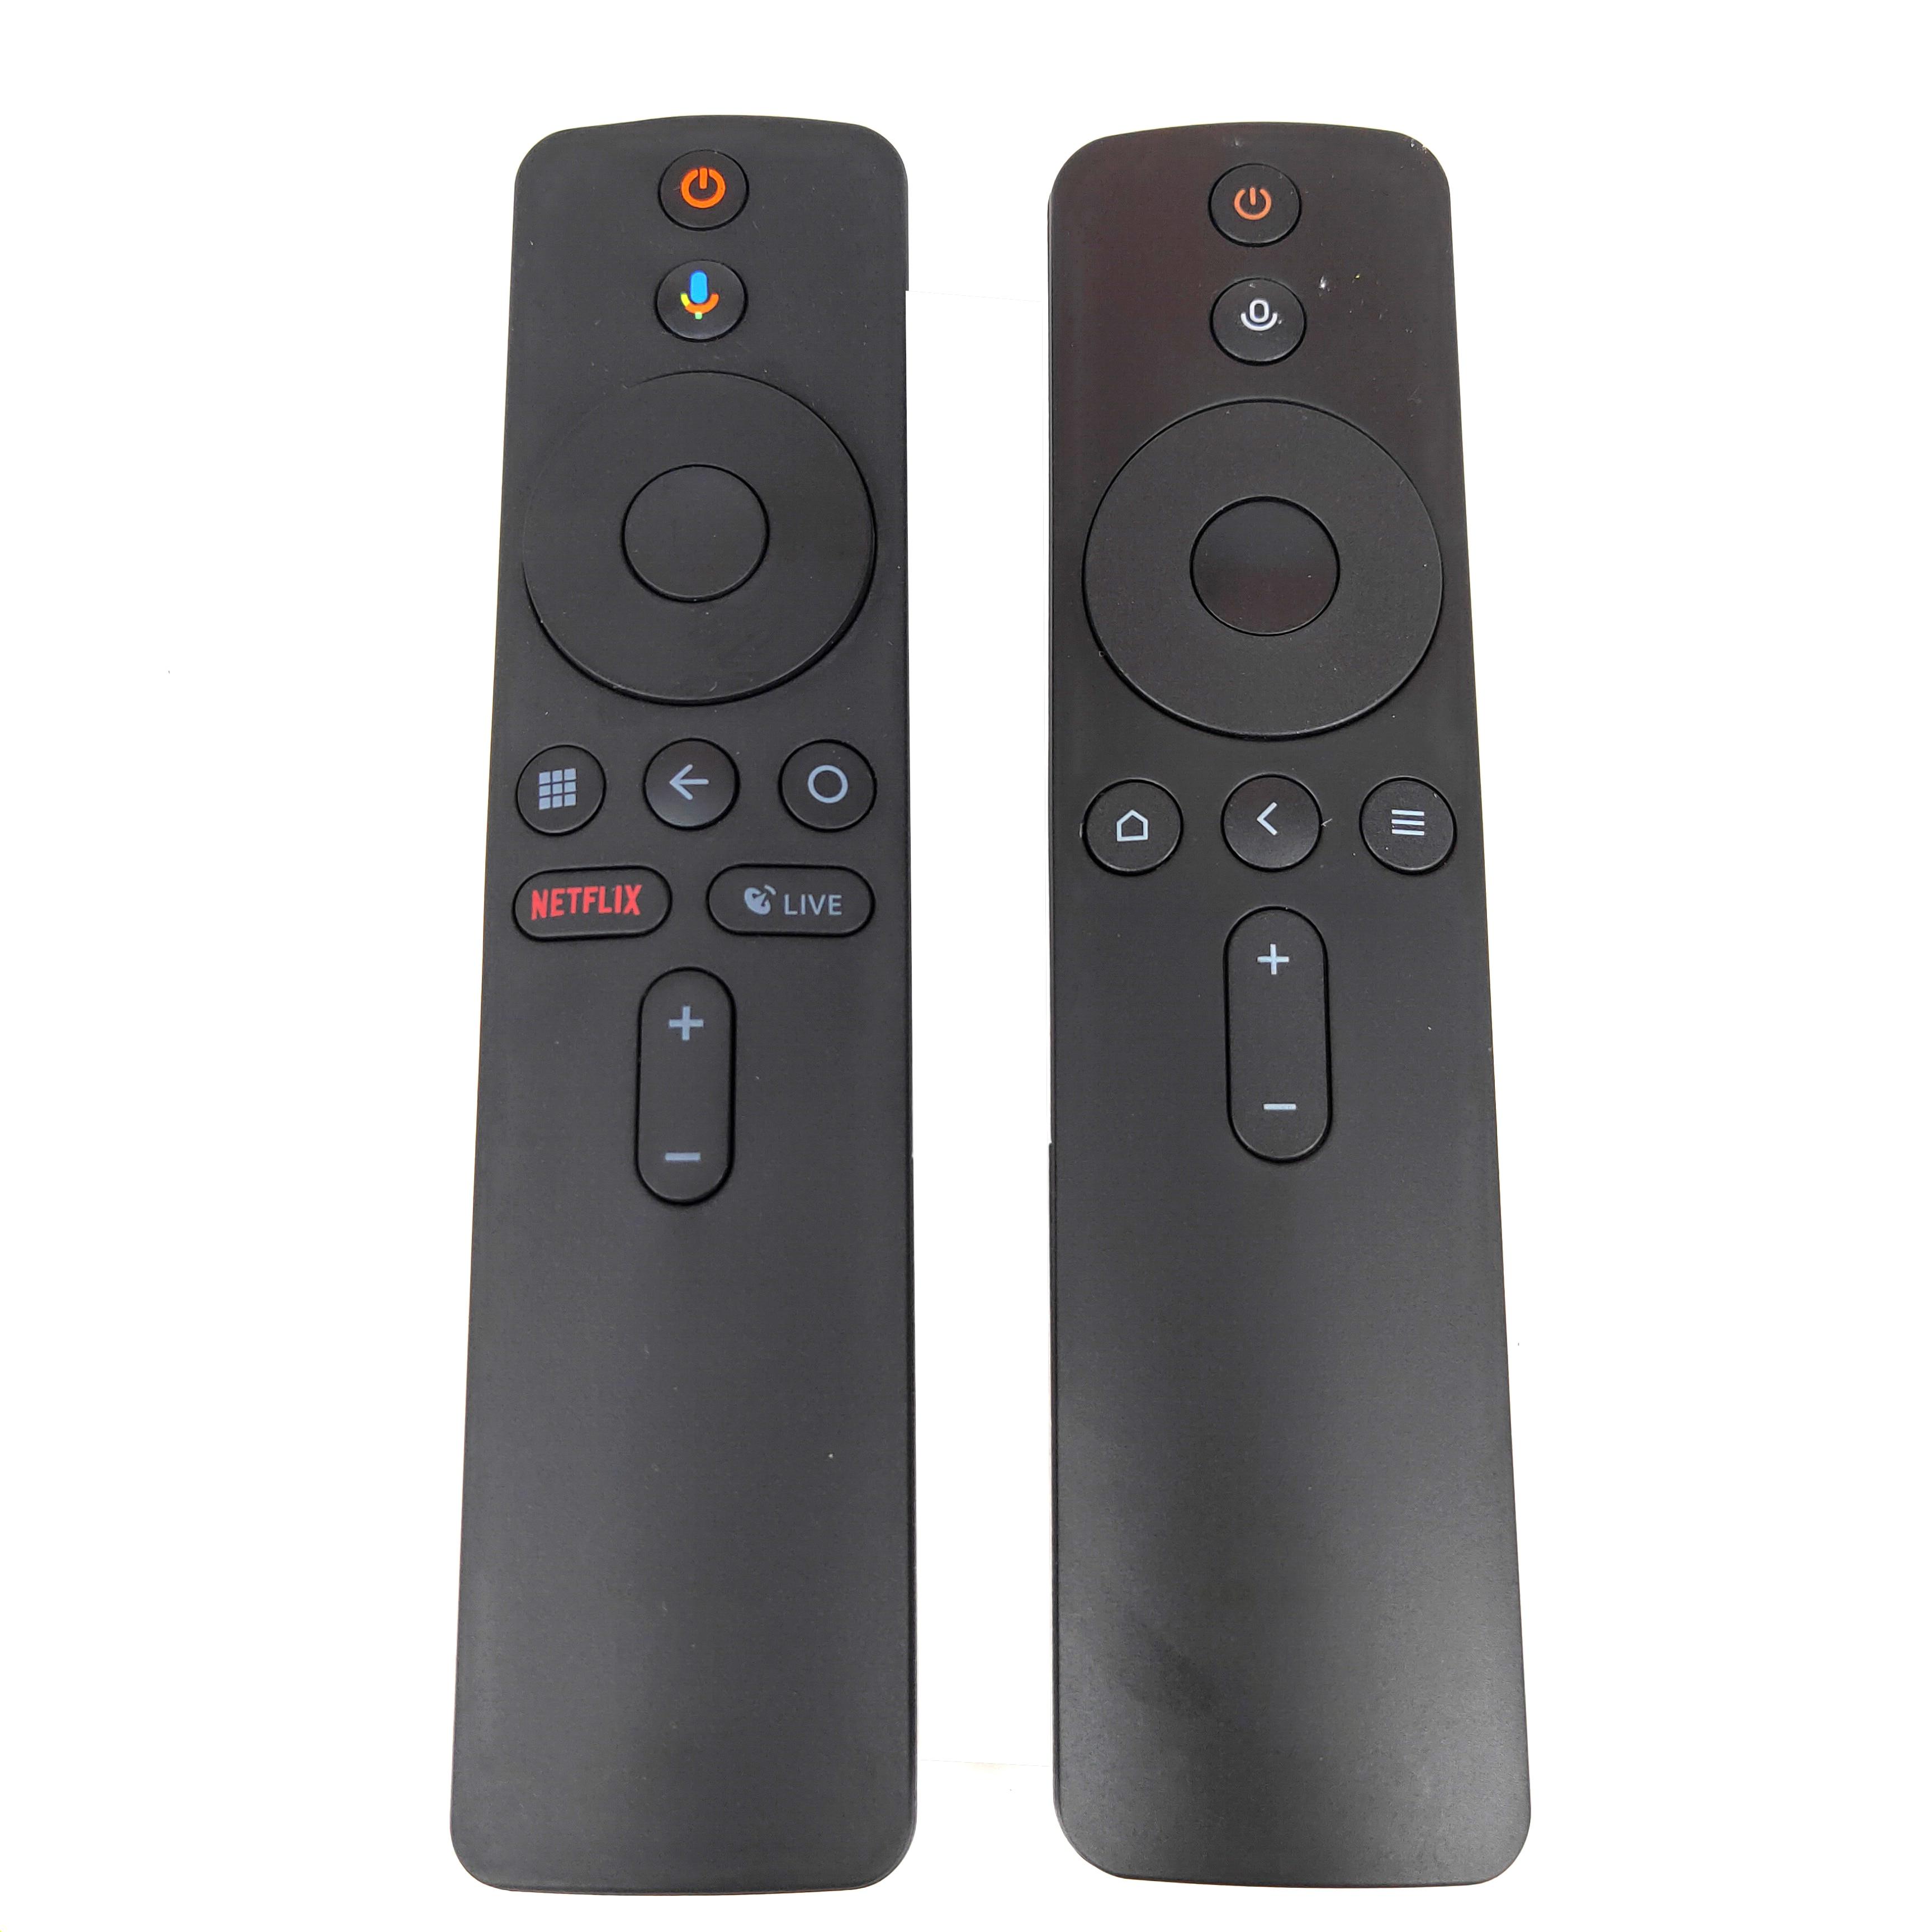 Usato di Ricambio Per Xiaomi mi tv Box S Voice Bluetooth Remote Control con il Google Assistente di Controllo